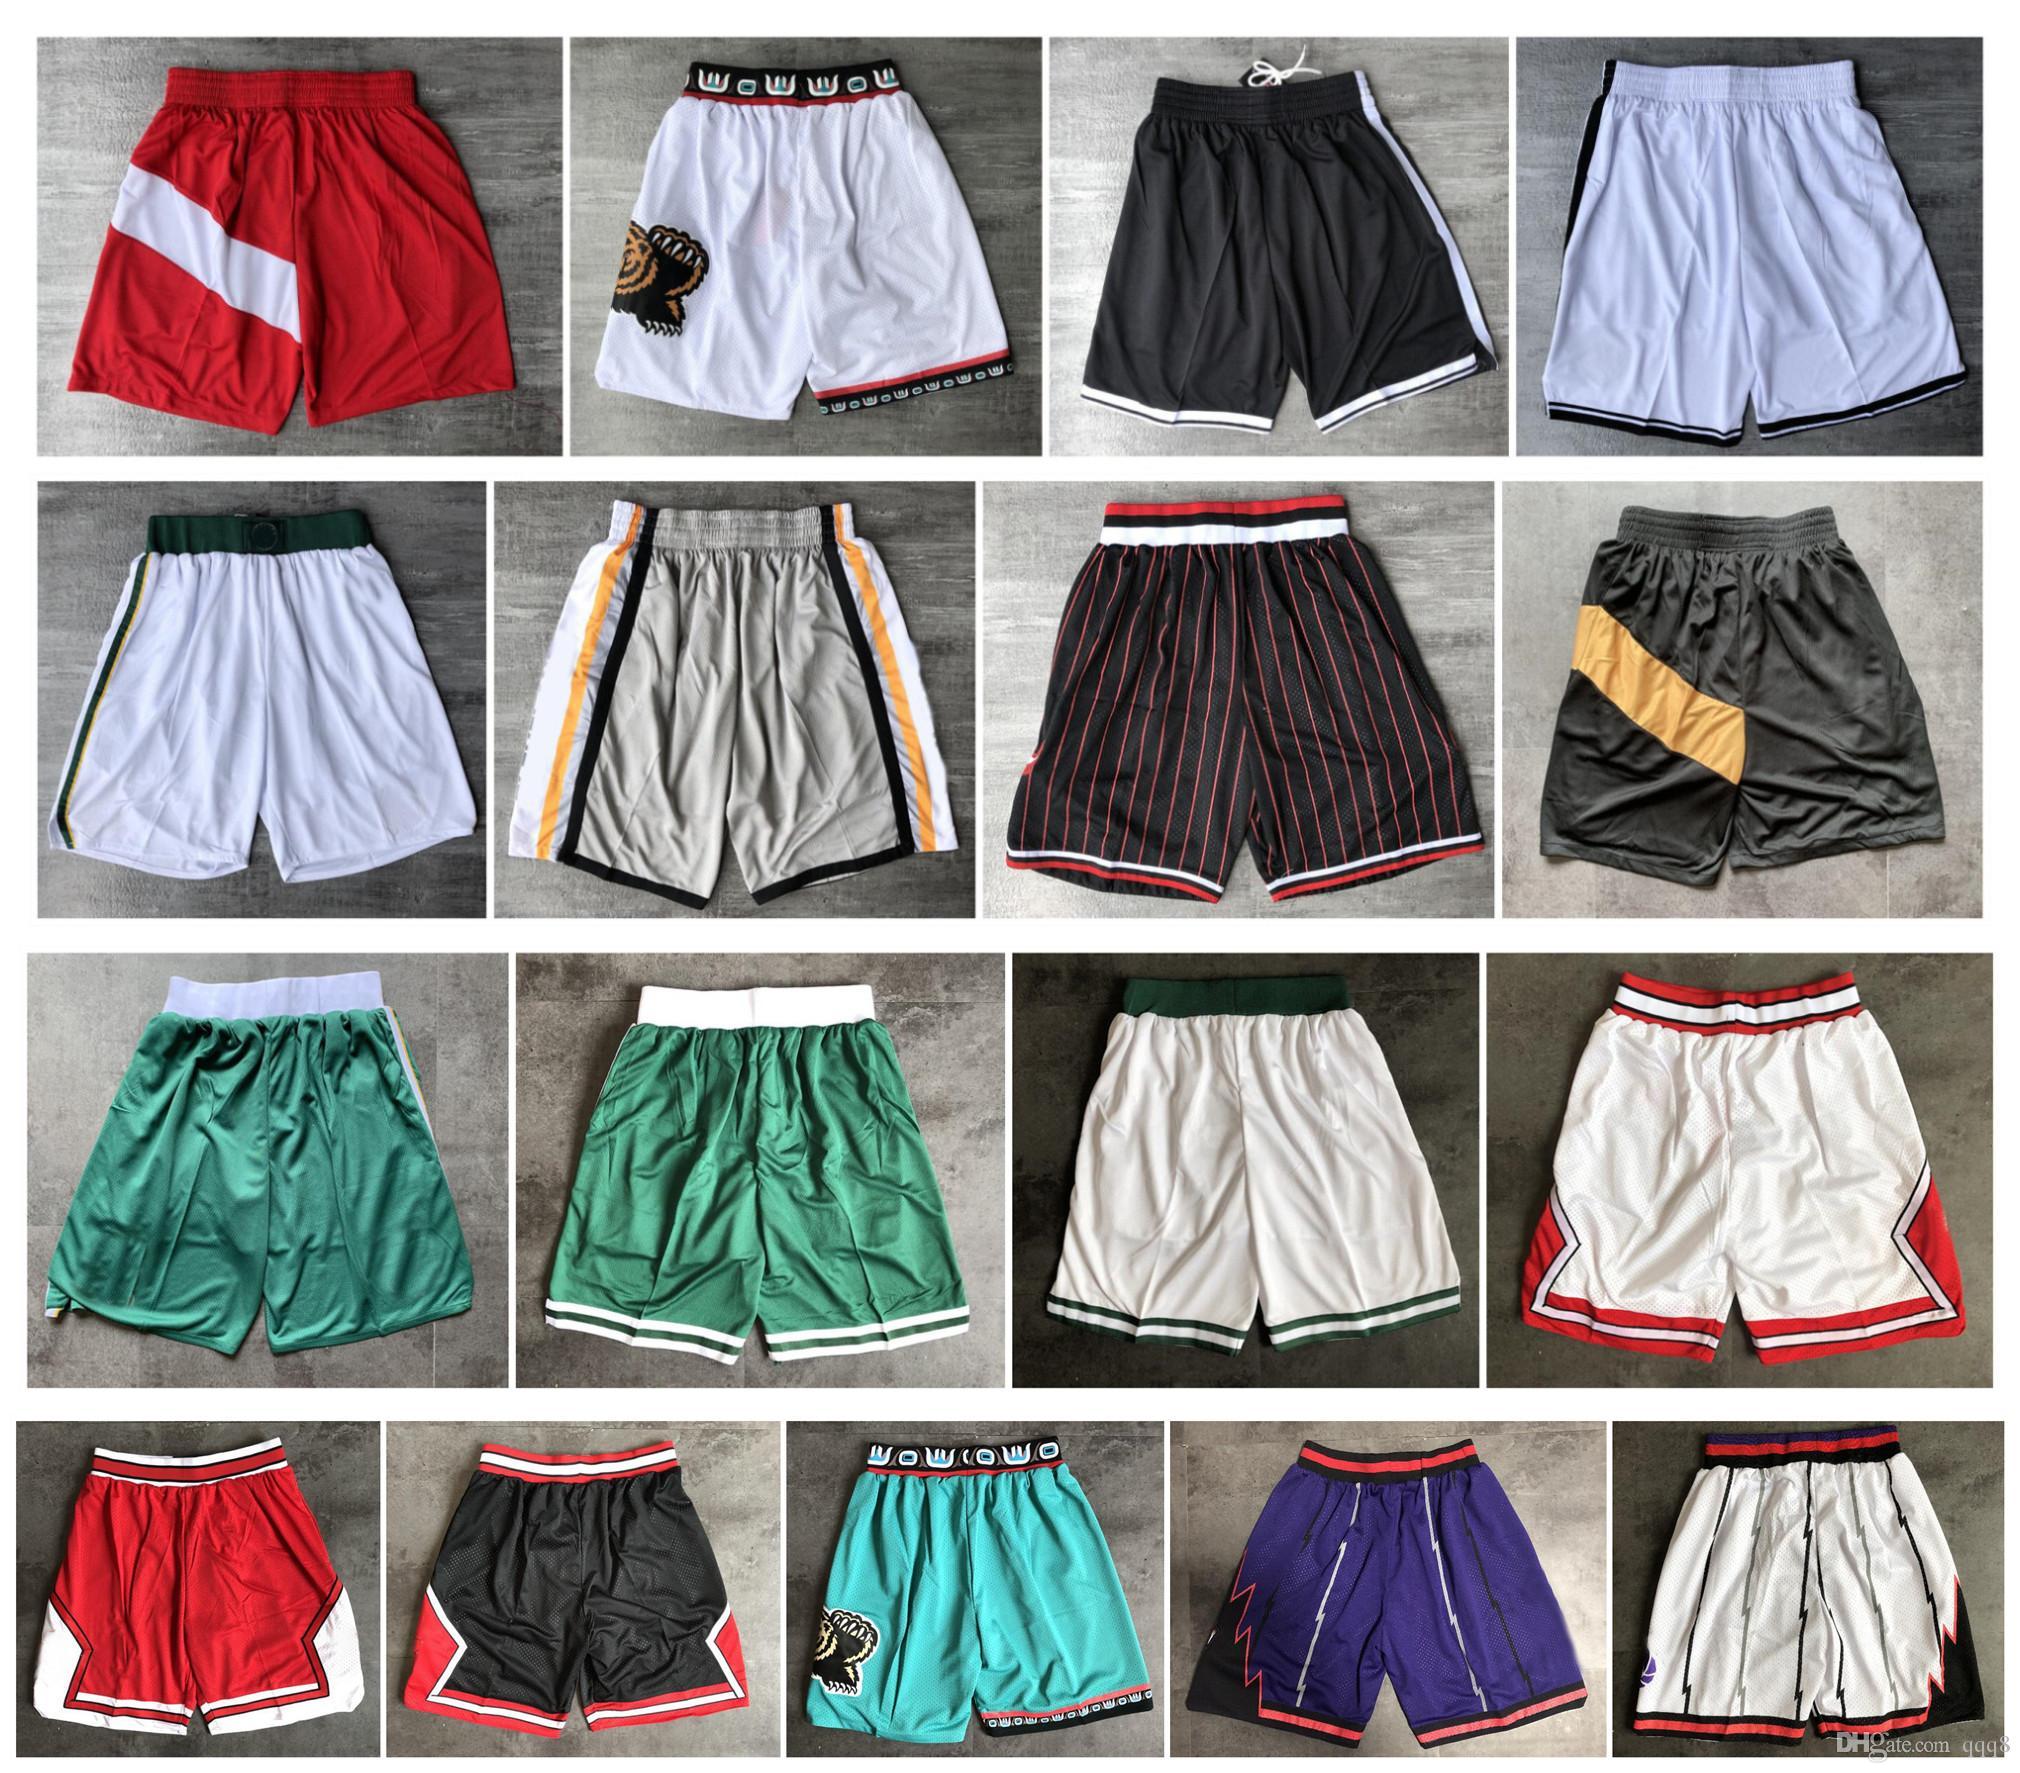 De calidad superior! 2019 Equipo Baloncesto Pantalones cortos Hombres Pantalones cortos pantaloncini da basket Pantalones cortos deportivos Pantalones universitarios Blanco Negro Rojo Púrpura Verde